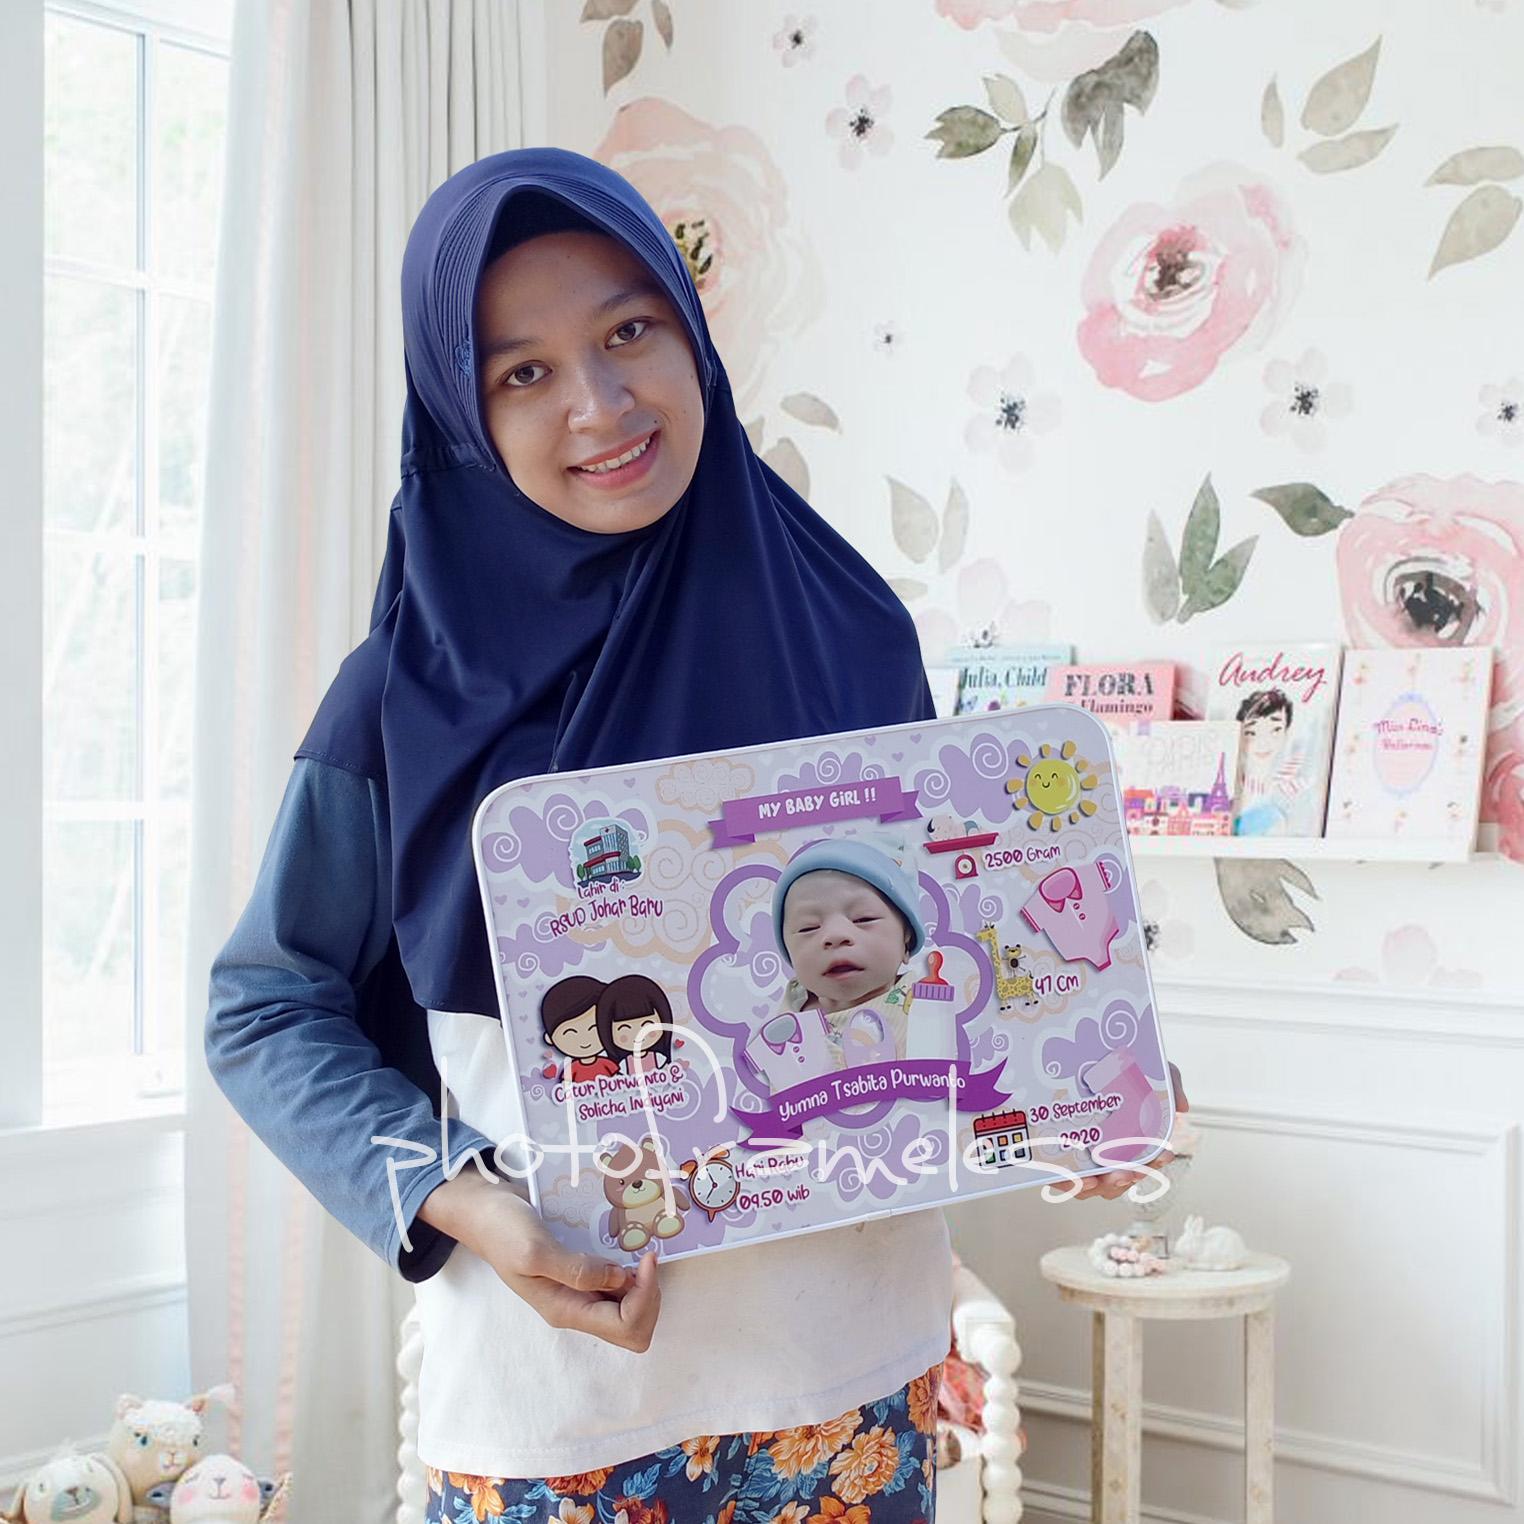 Yuk Narsis dengan Photoshop biar Makin Eksis dengan Photoshop